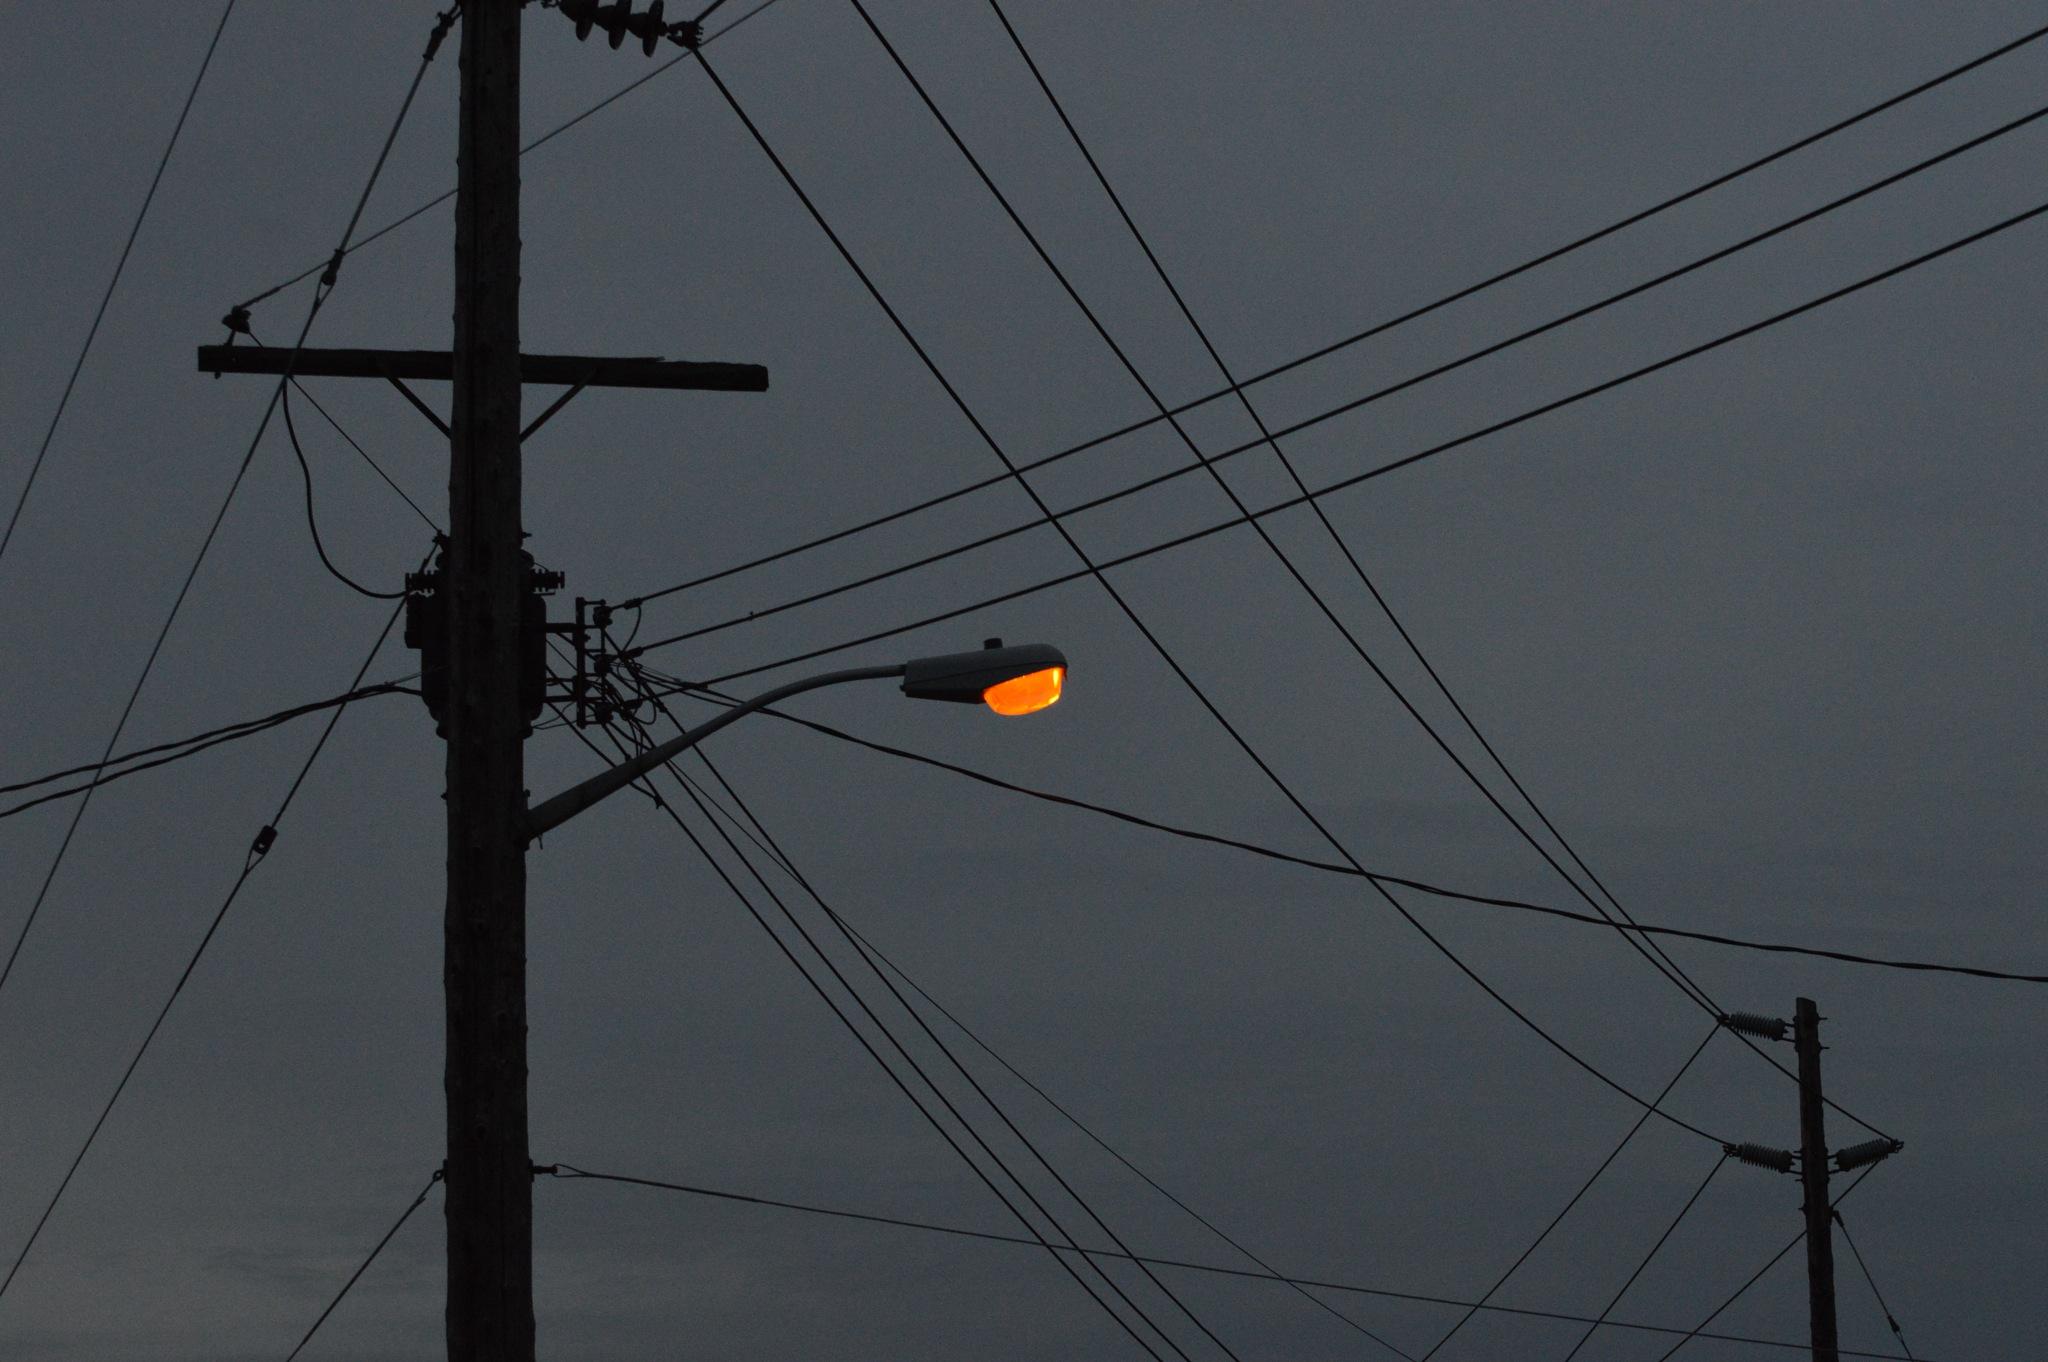 Street Light by ERock23